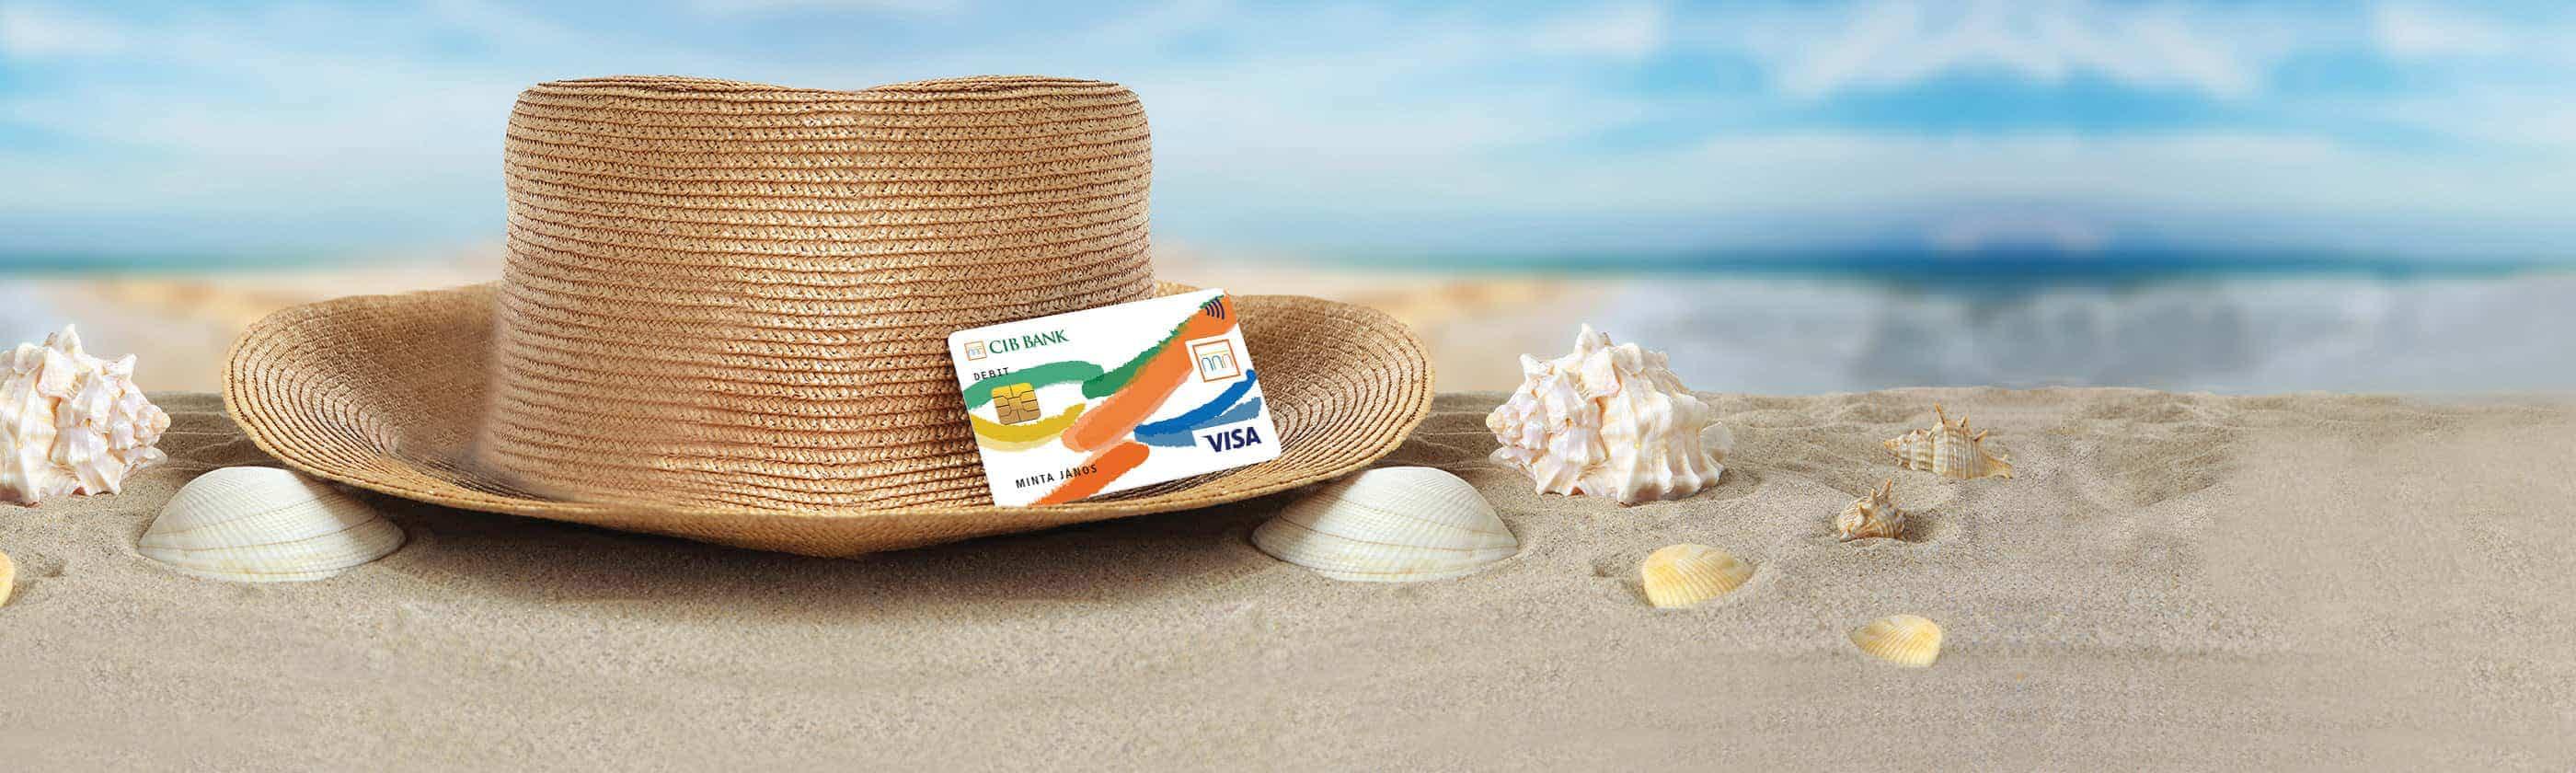 CIB Visa Inspire Dombornyomott bankkártya